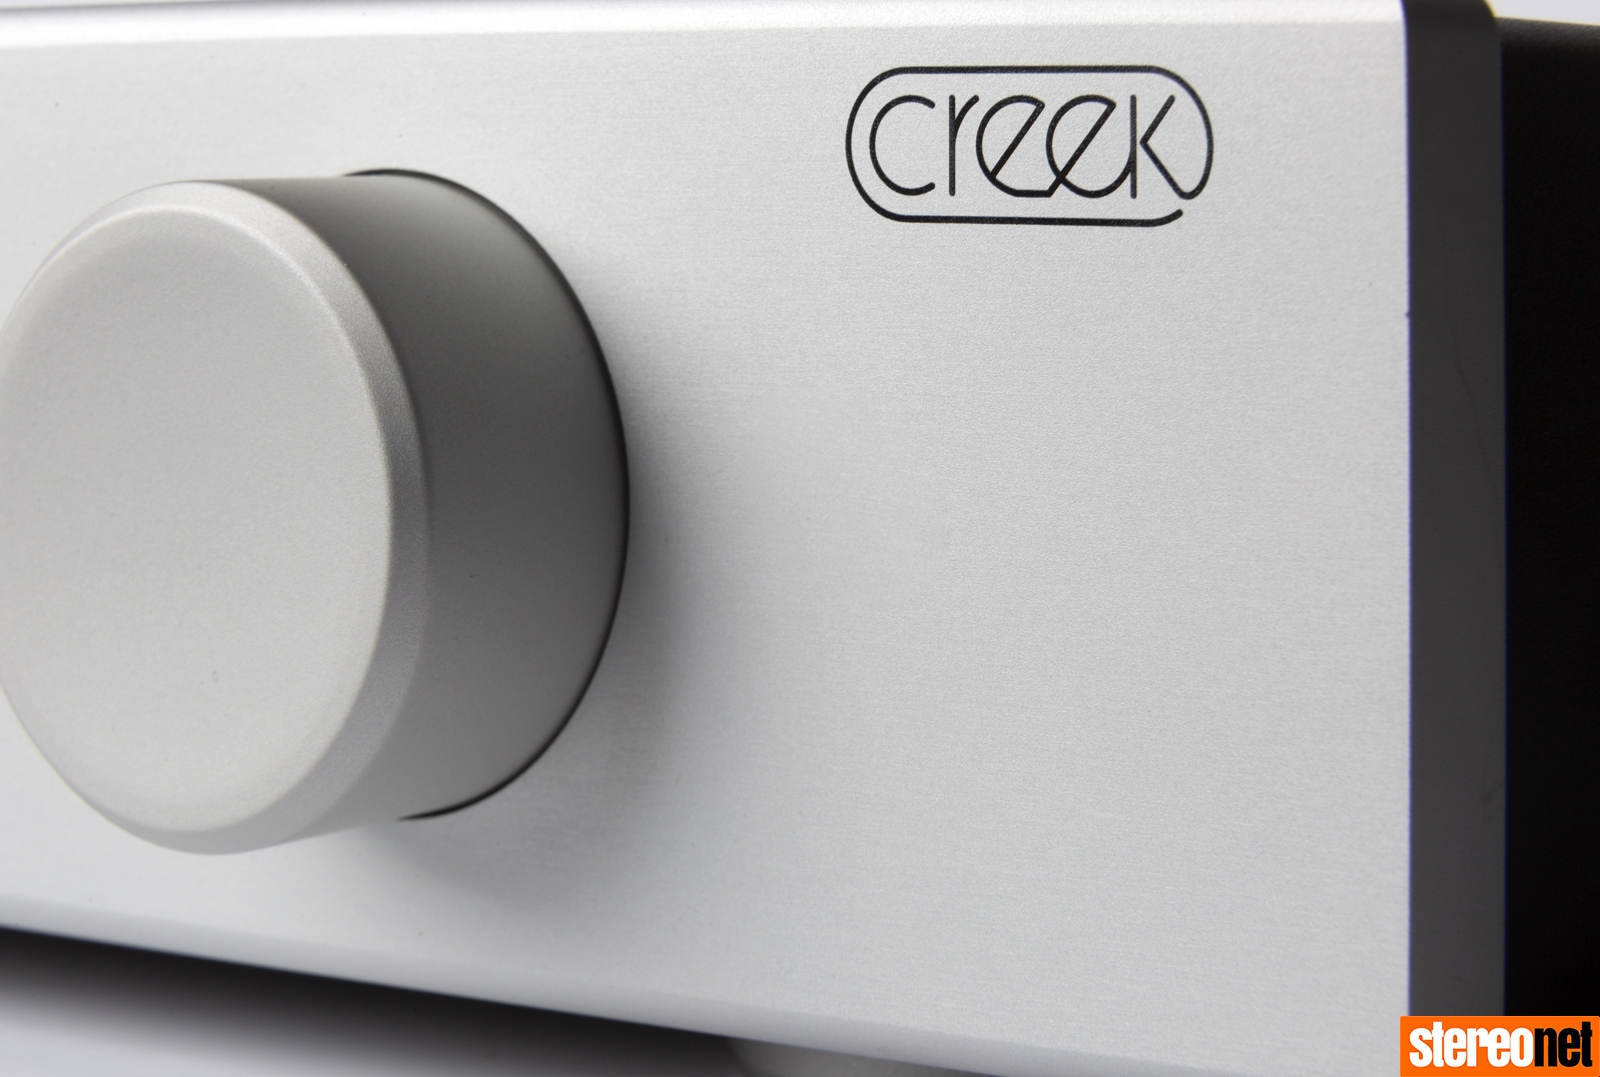 Creek Voyage i20 Review